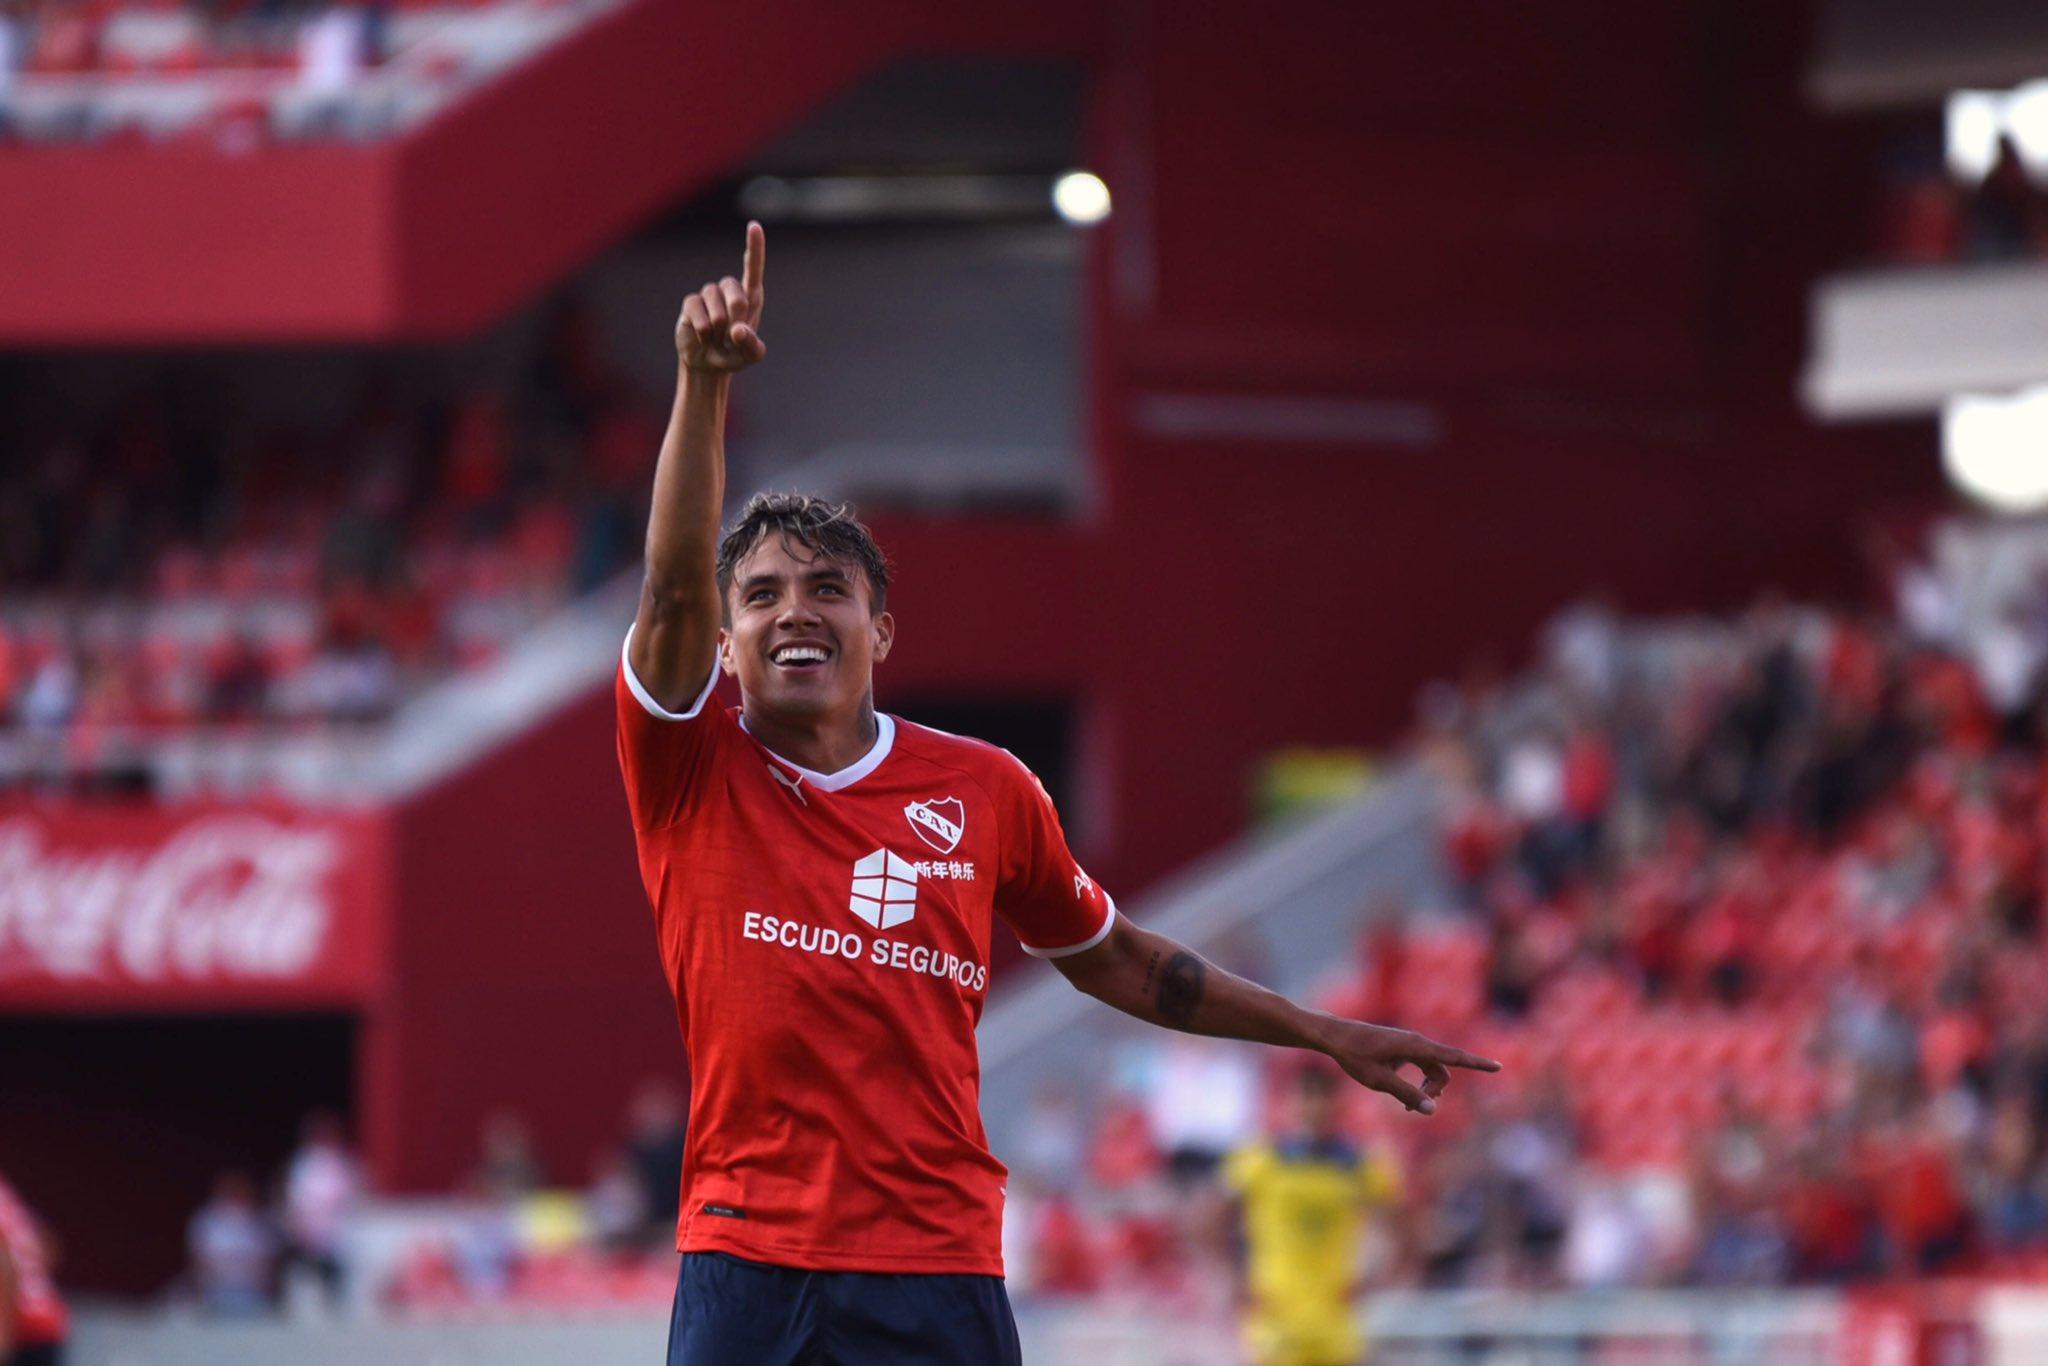 El volante sabanalarguero Andrés Felipe Roa anotó un gol con Independiente de Avellaneda.